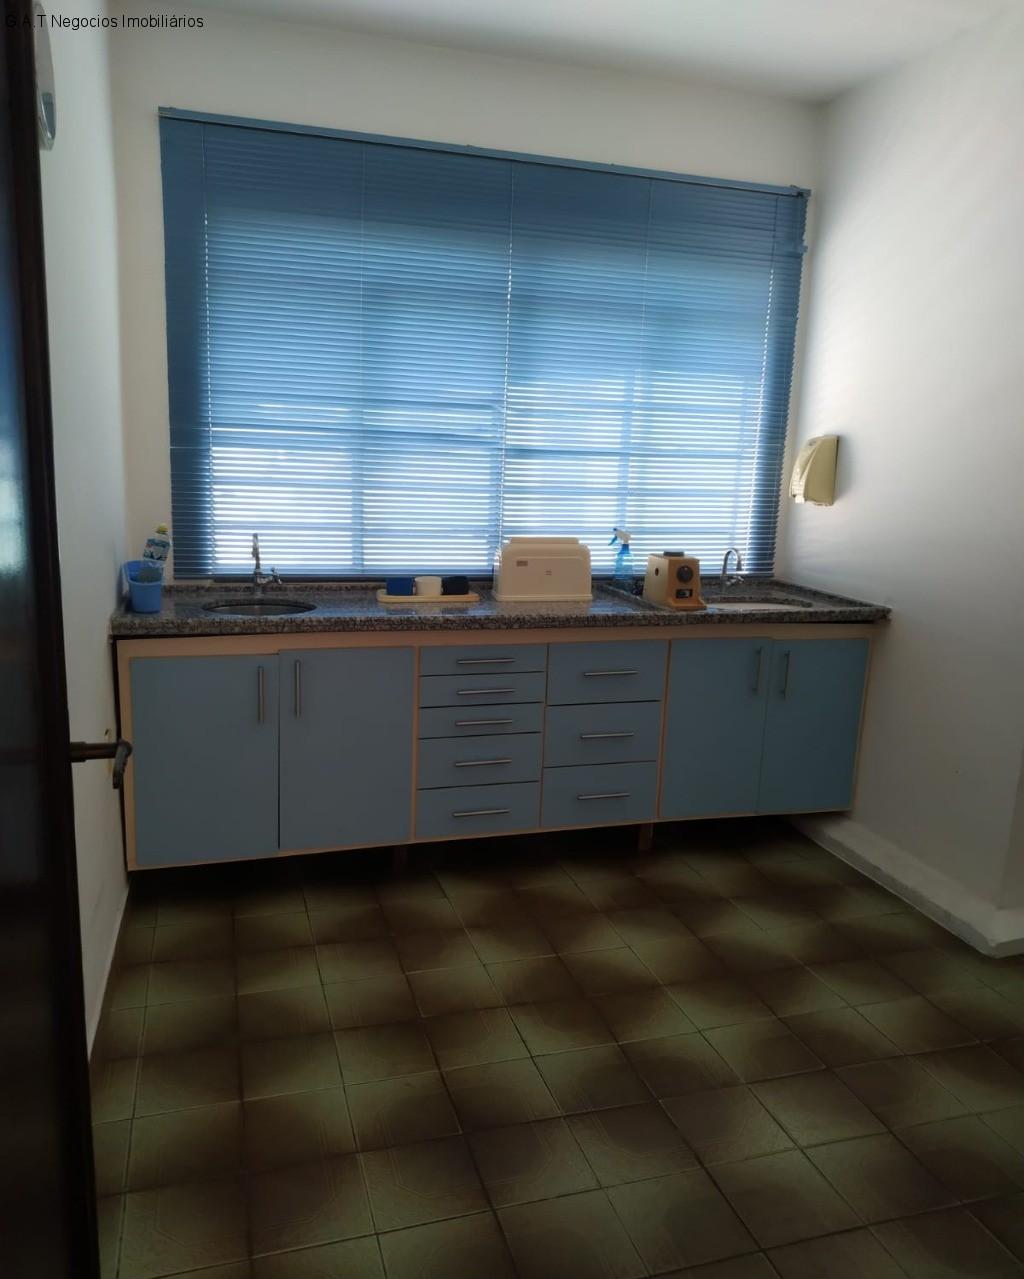 Casa com 2 Quartos,vila barÃo, Sorocaba